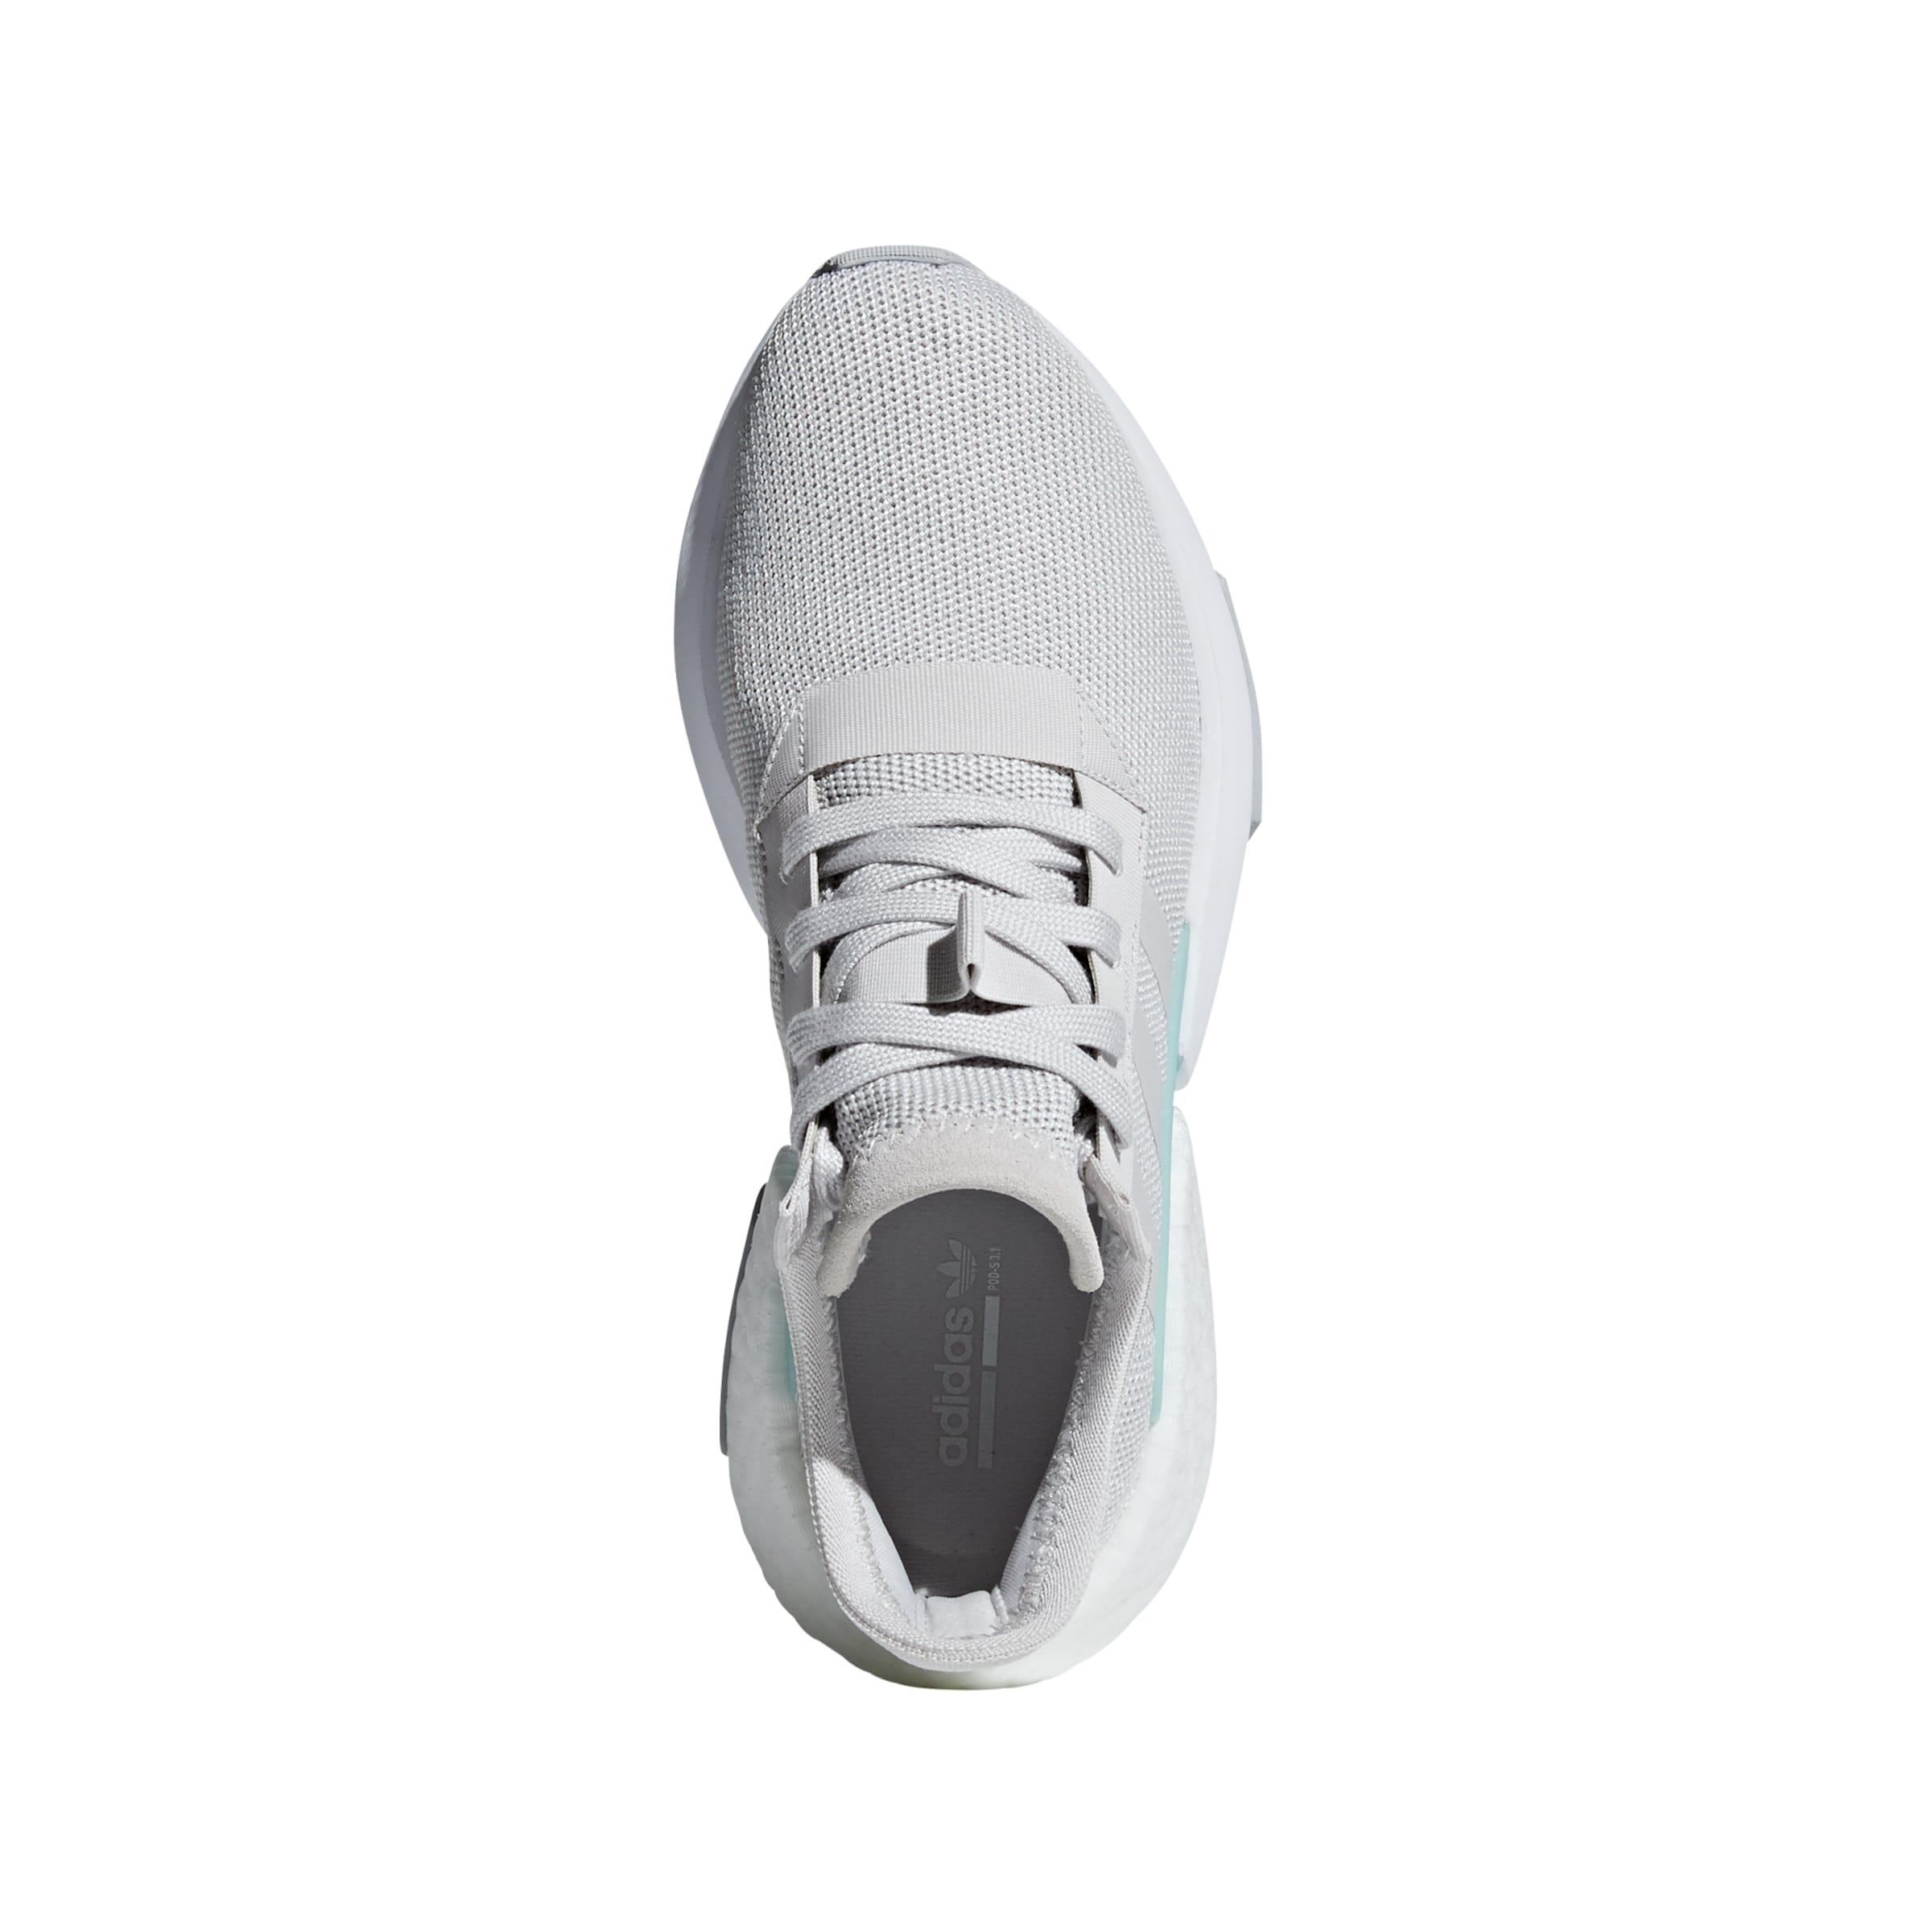 Adidas Originals Baskets Basses 'pod s3 W' 1 En TurquoiseGris Qrhtds